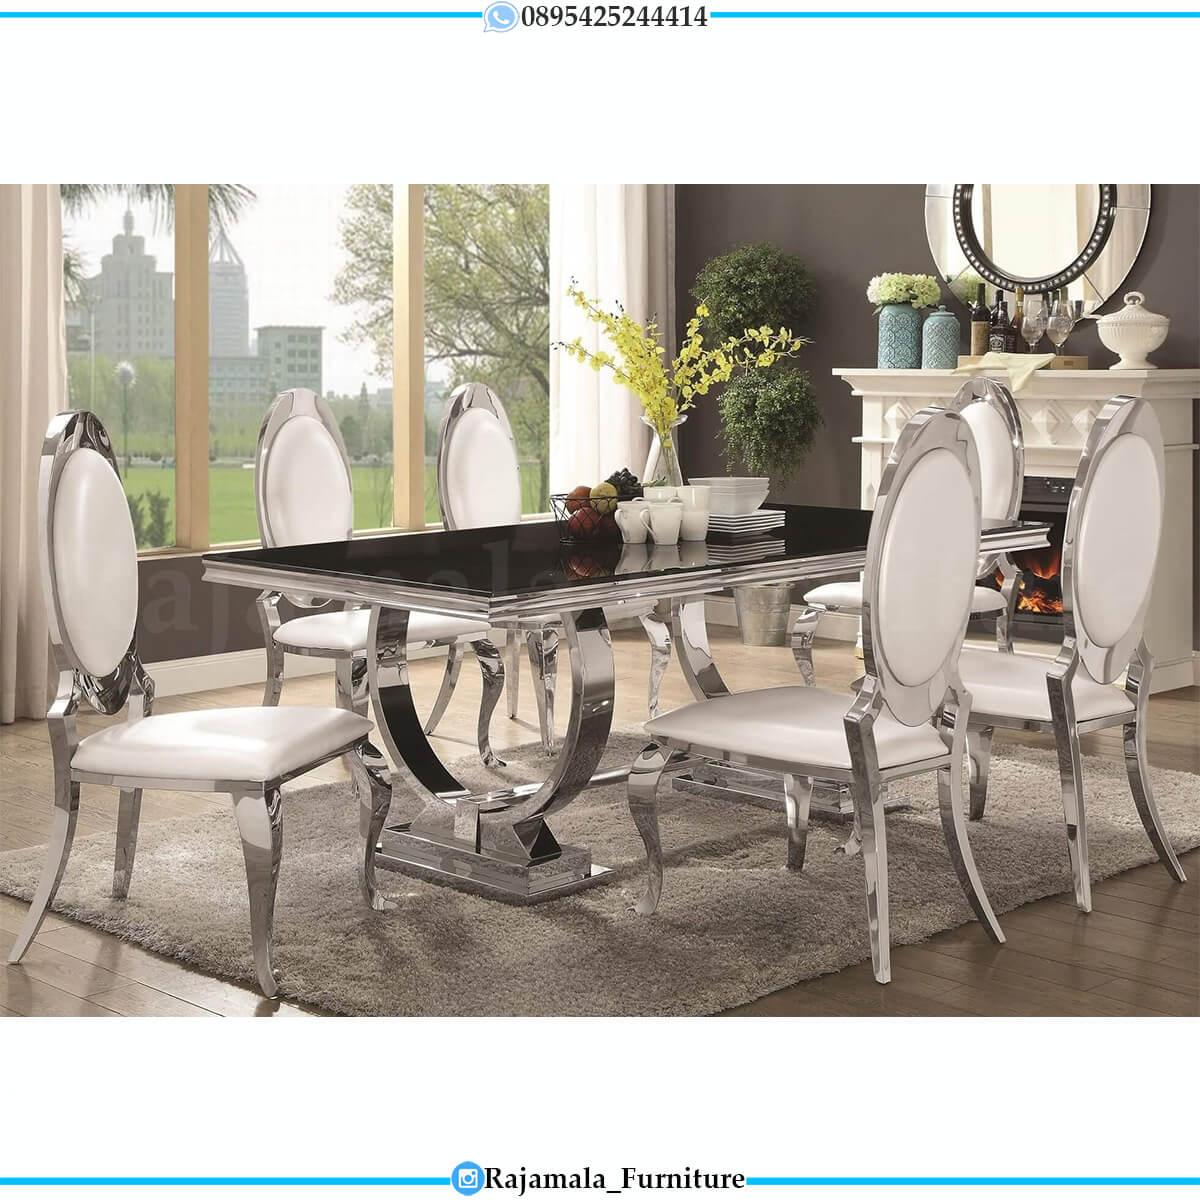 Meja Makan Modern Minimalis Stainless Steel Luxury Elegant Style RM-0720